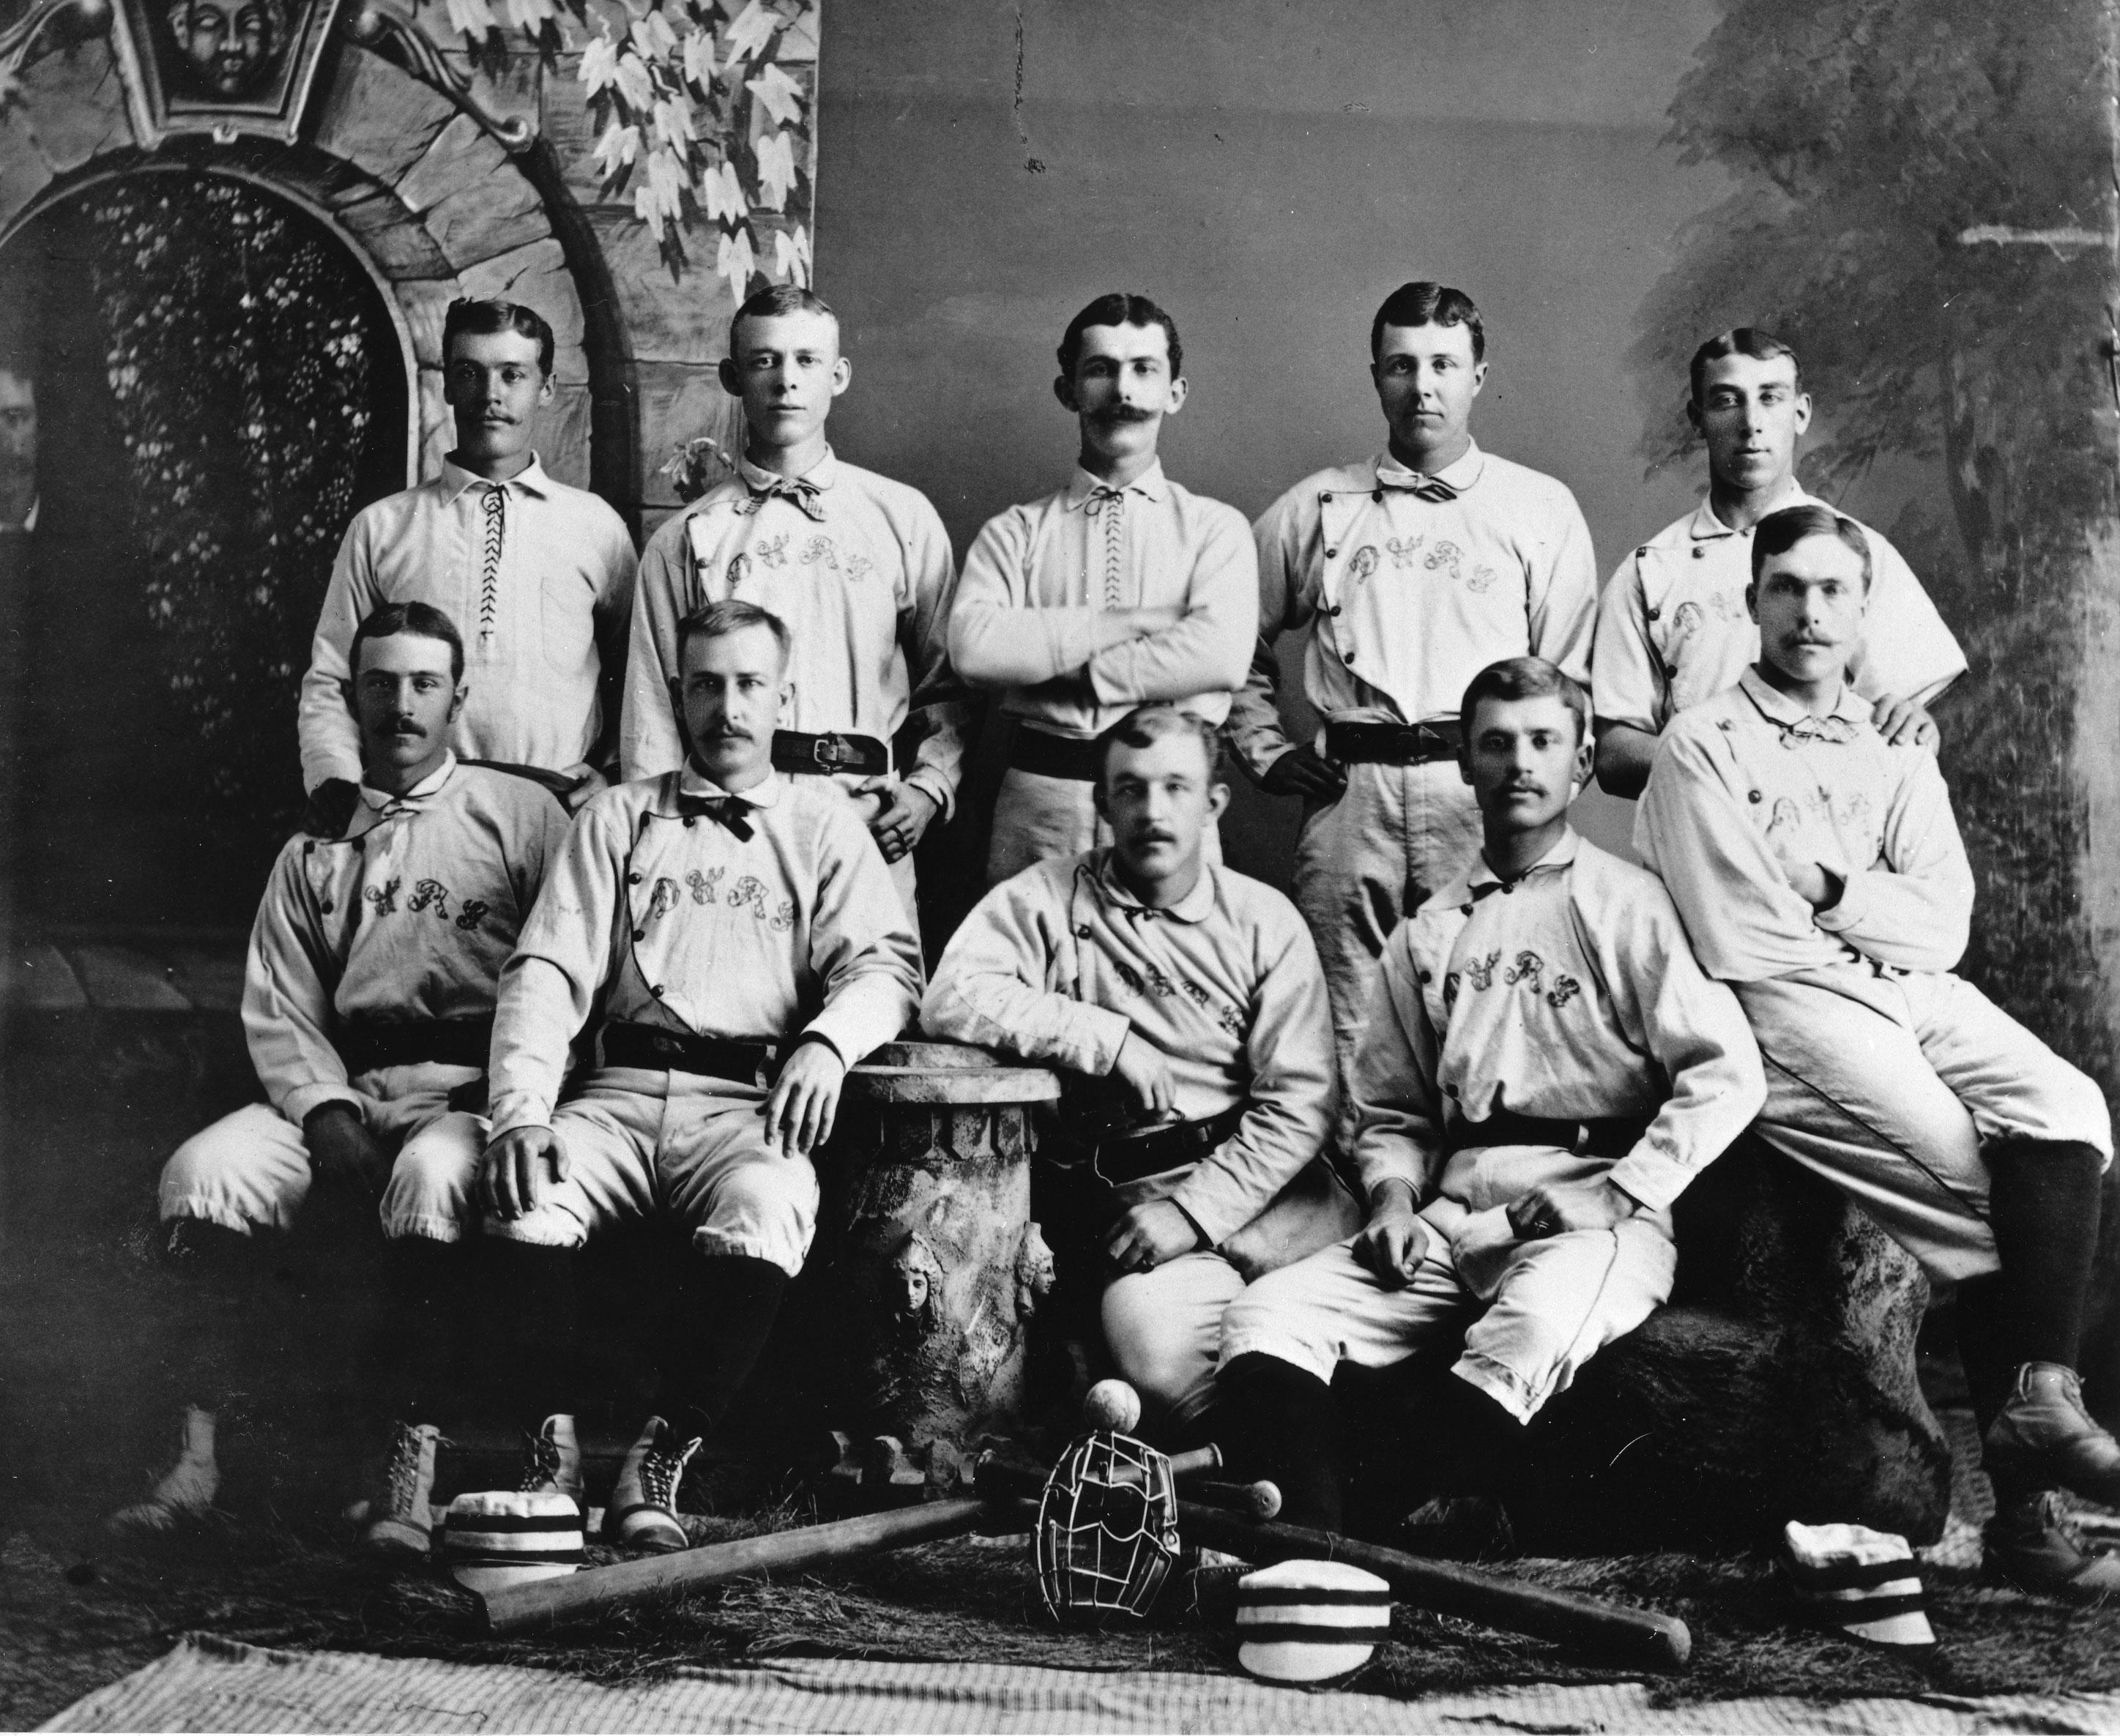 Colorado Springs Reds baseball team 1882